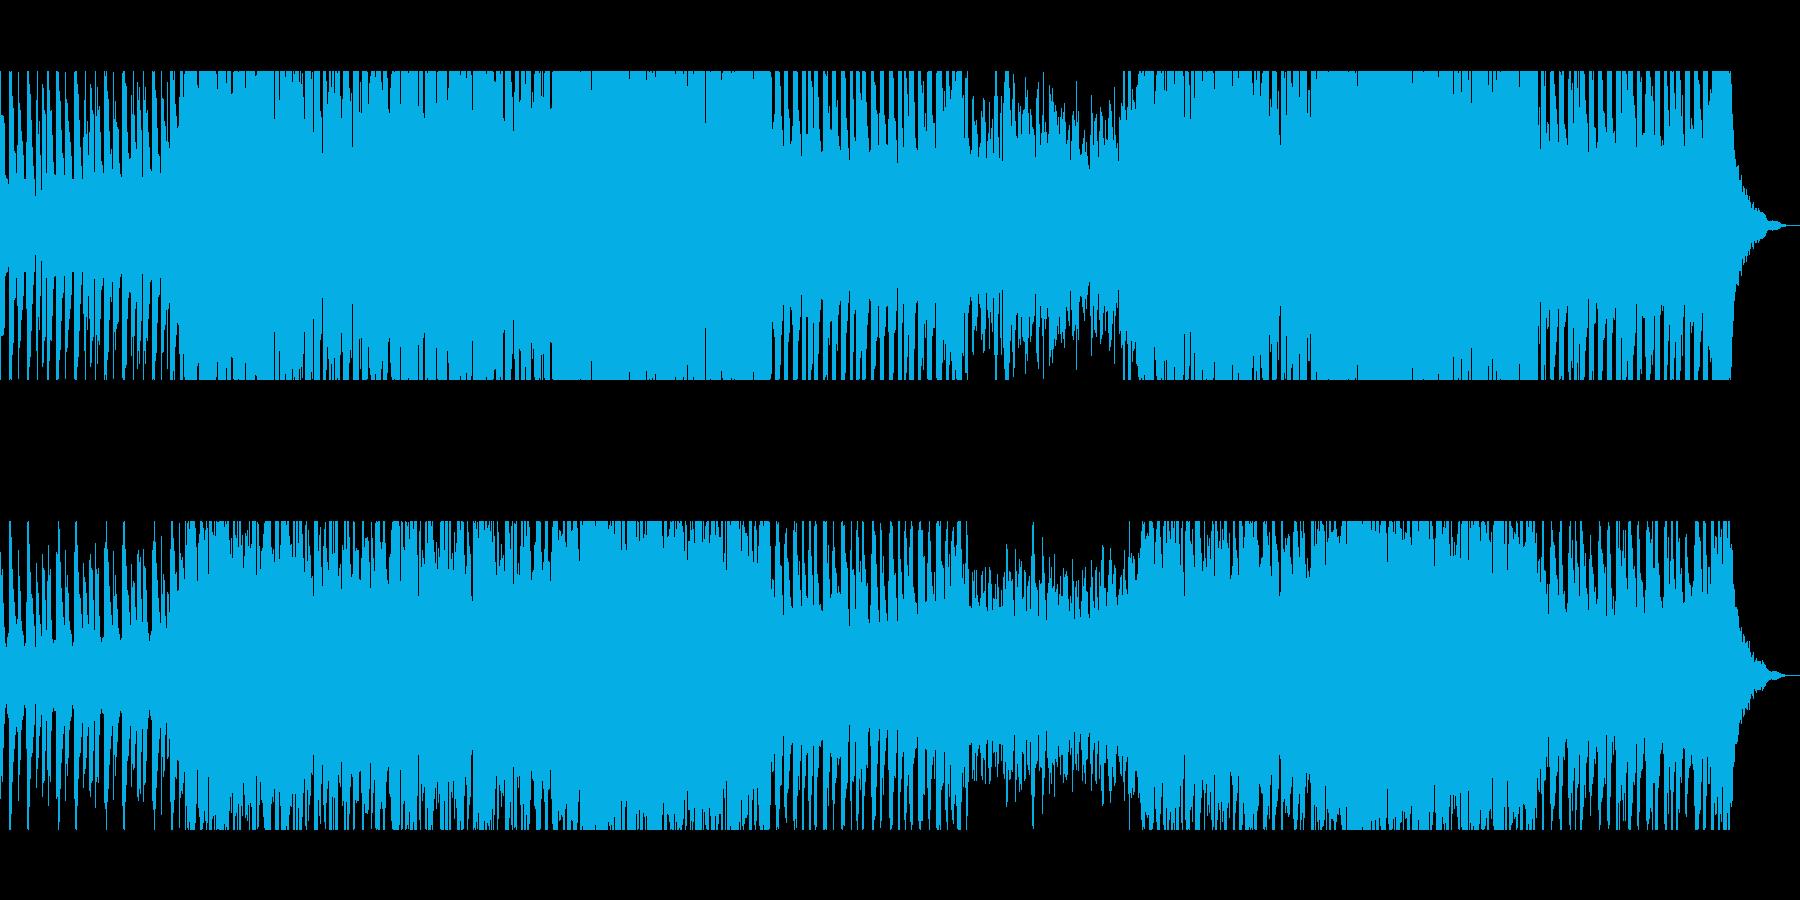 シンゴジラ/エヴァ風イントロオーケストラの再生済みの波形